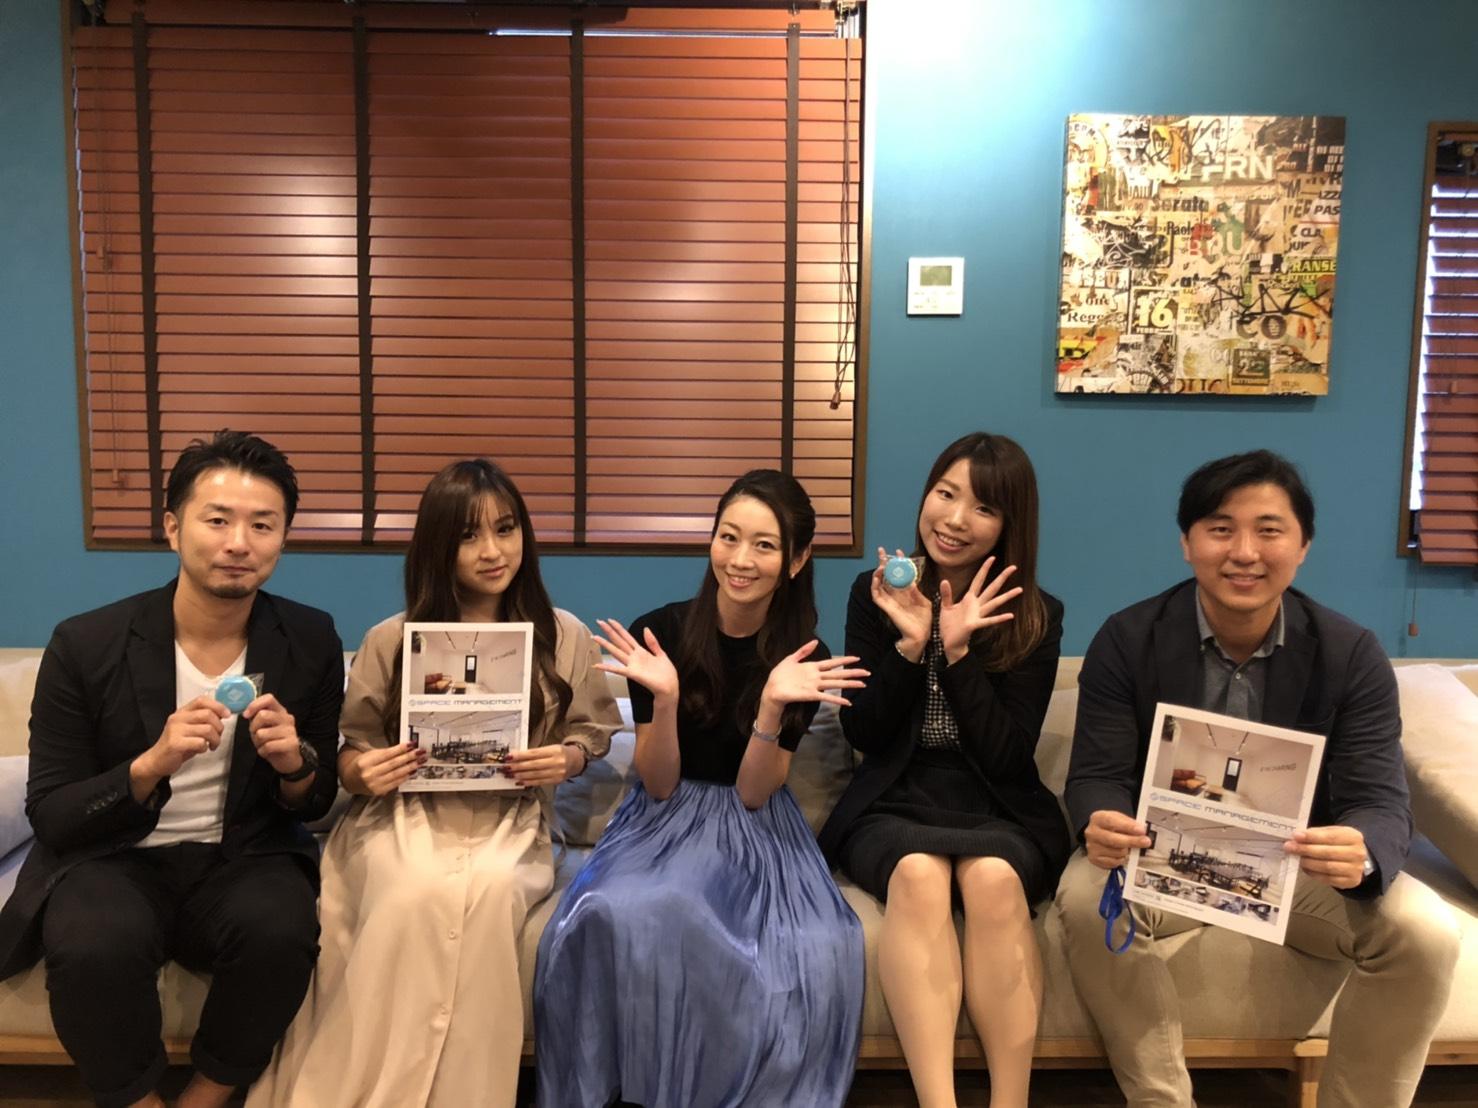 Tokyo FMさんに出演させていただきました!|TIME SHARING|タイムシェアリング|スペースマネジメント|あどばる|adval|SHARING